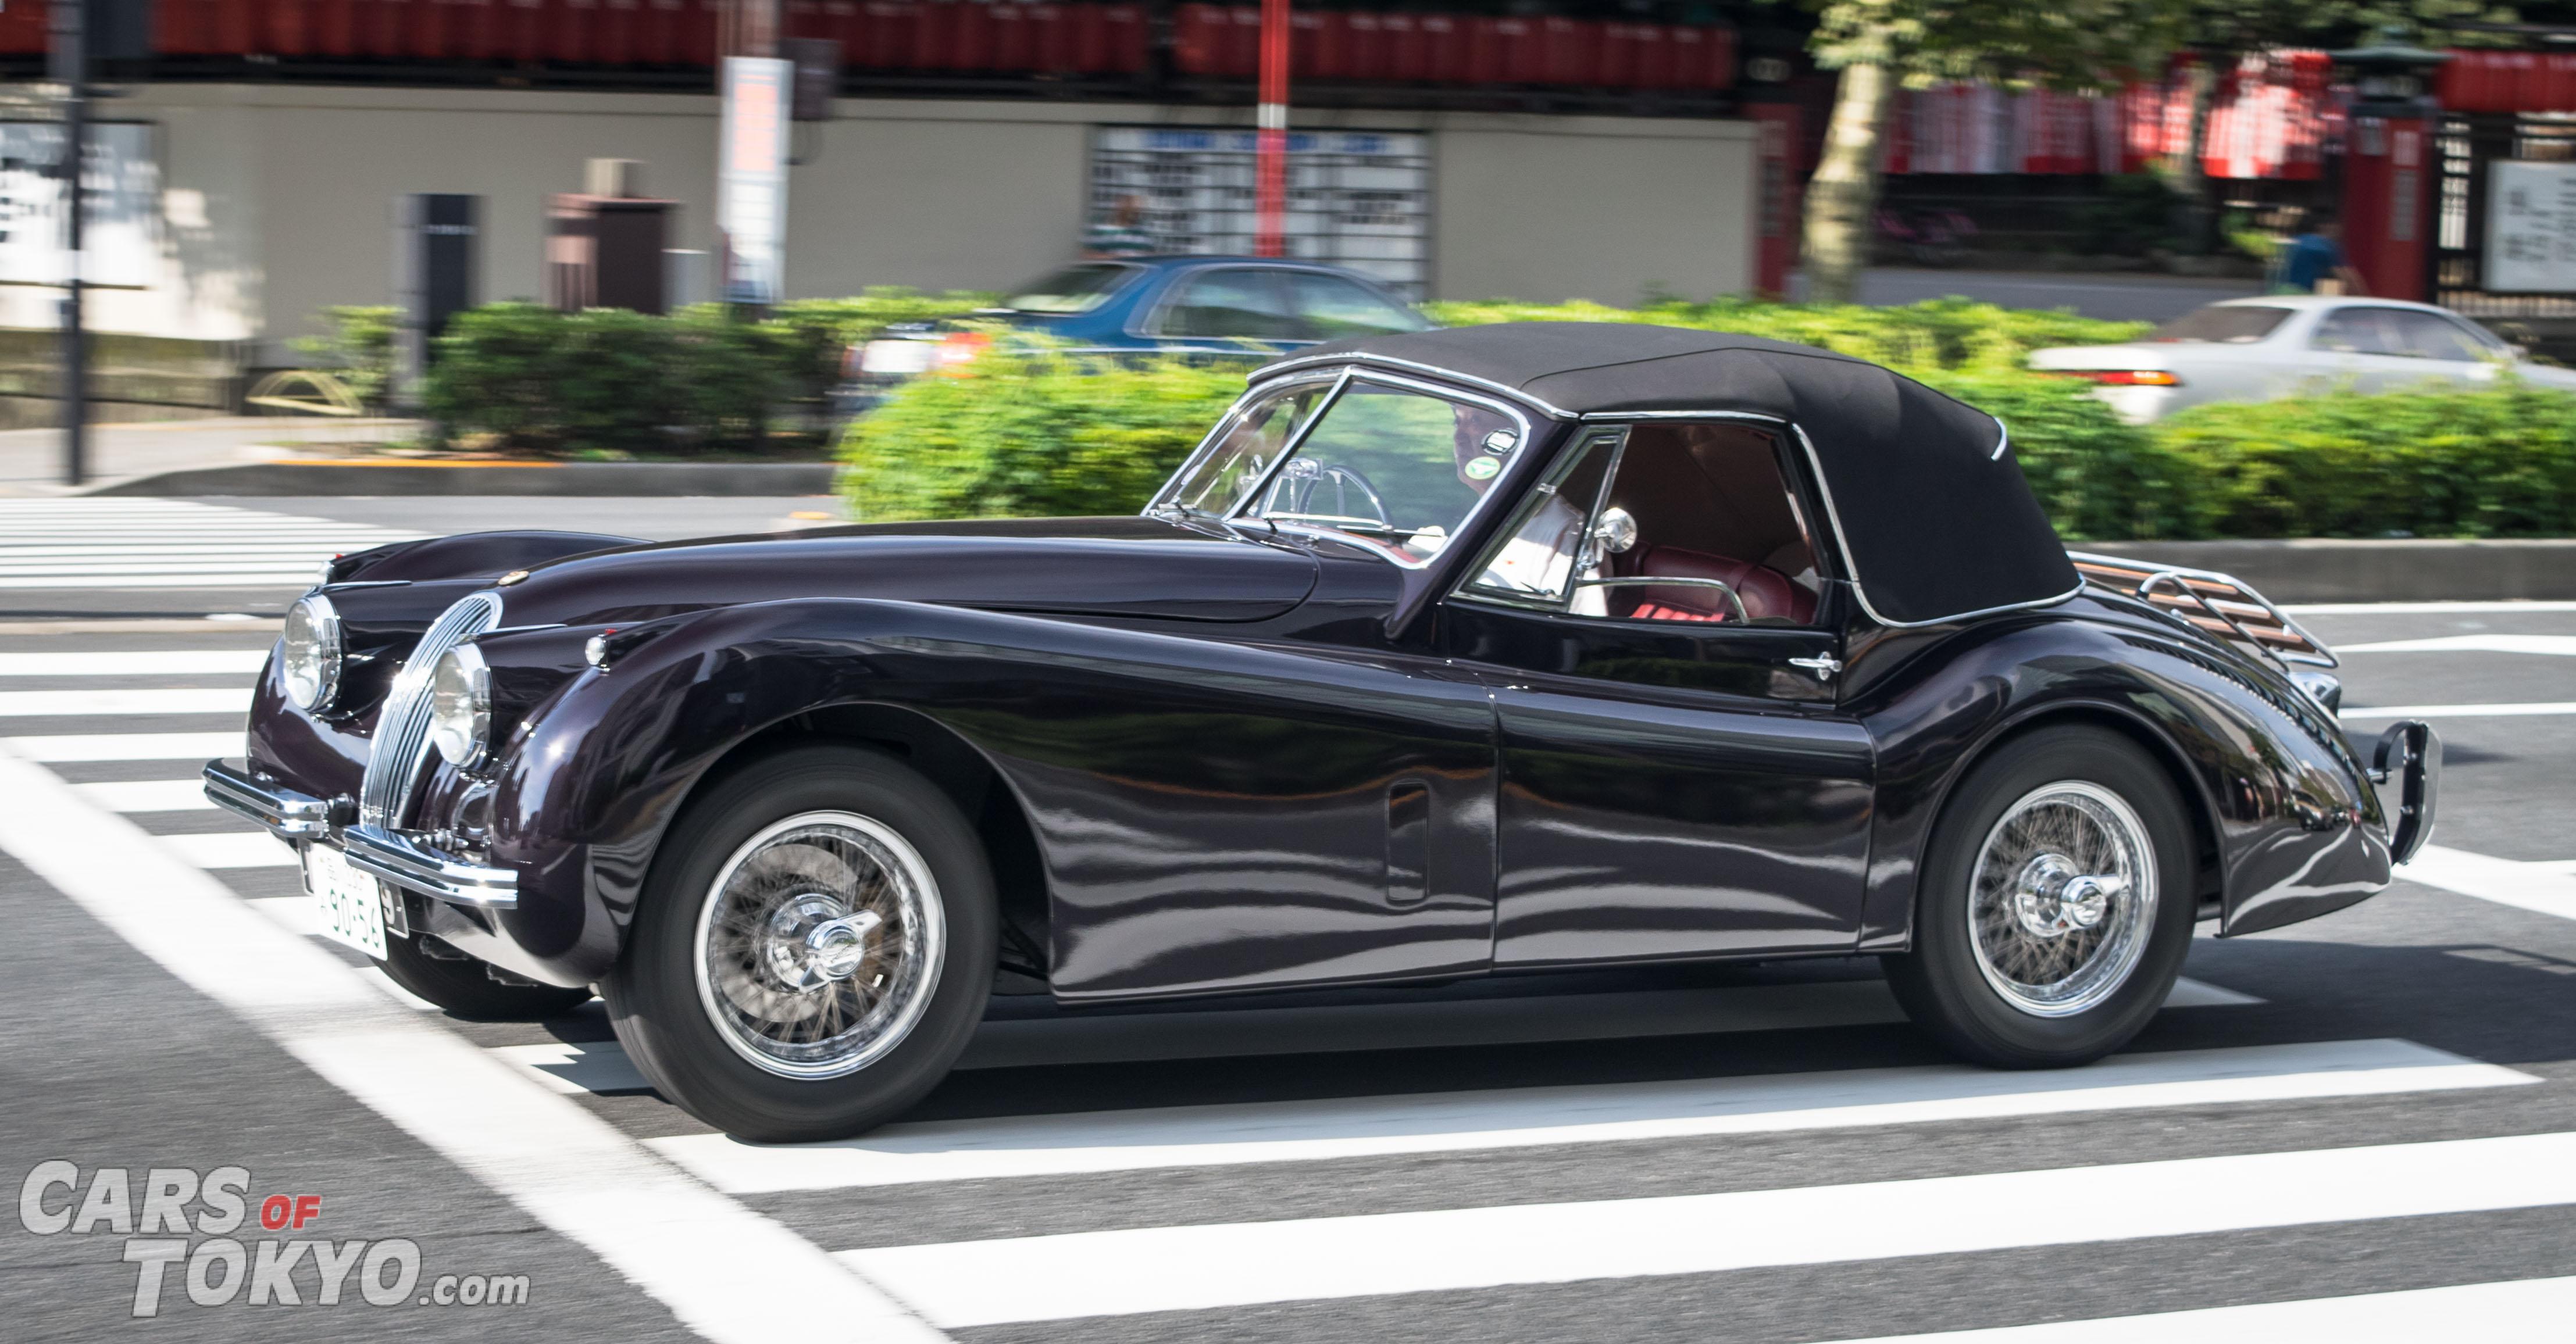 Cars of Tokyo Classic Jaguar XK120